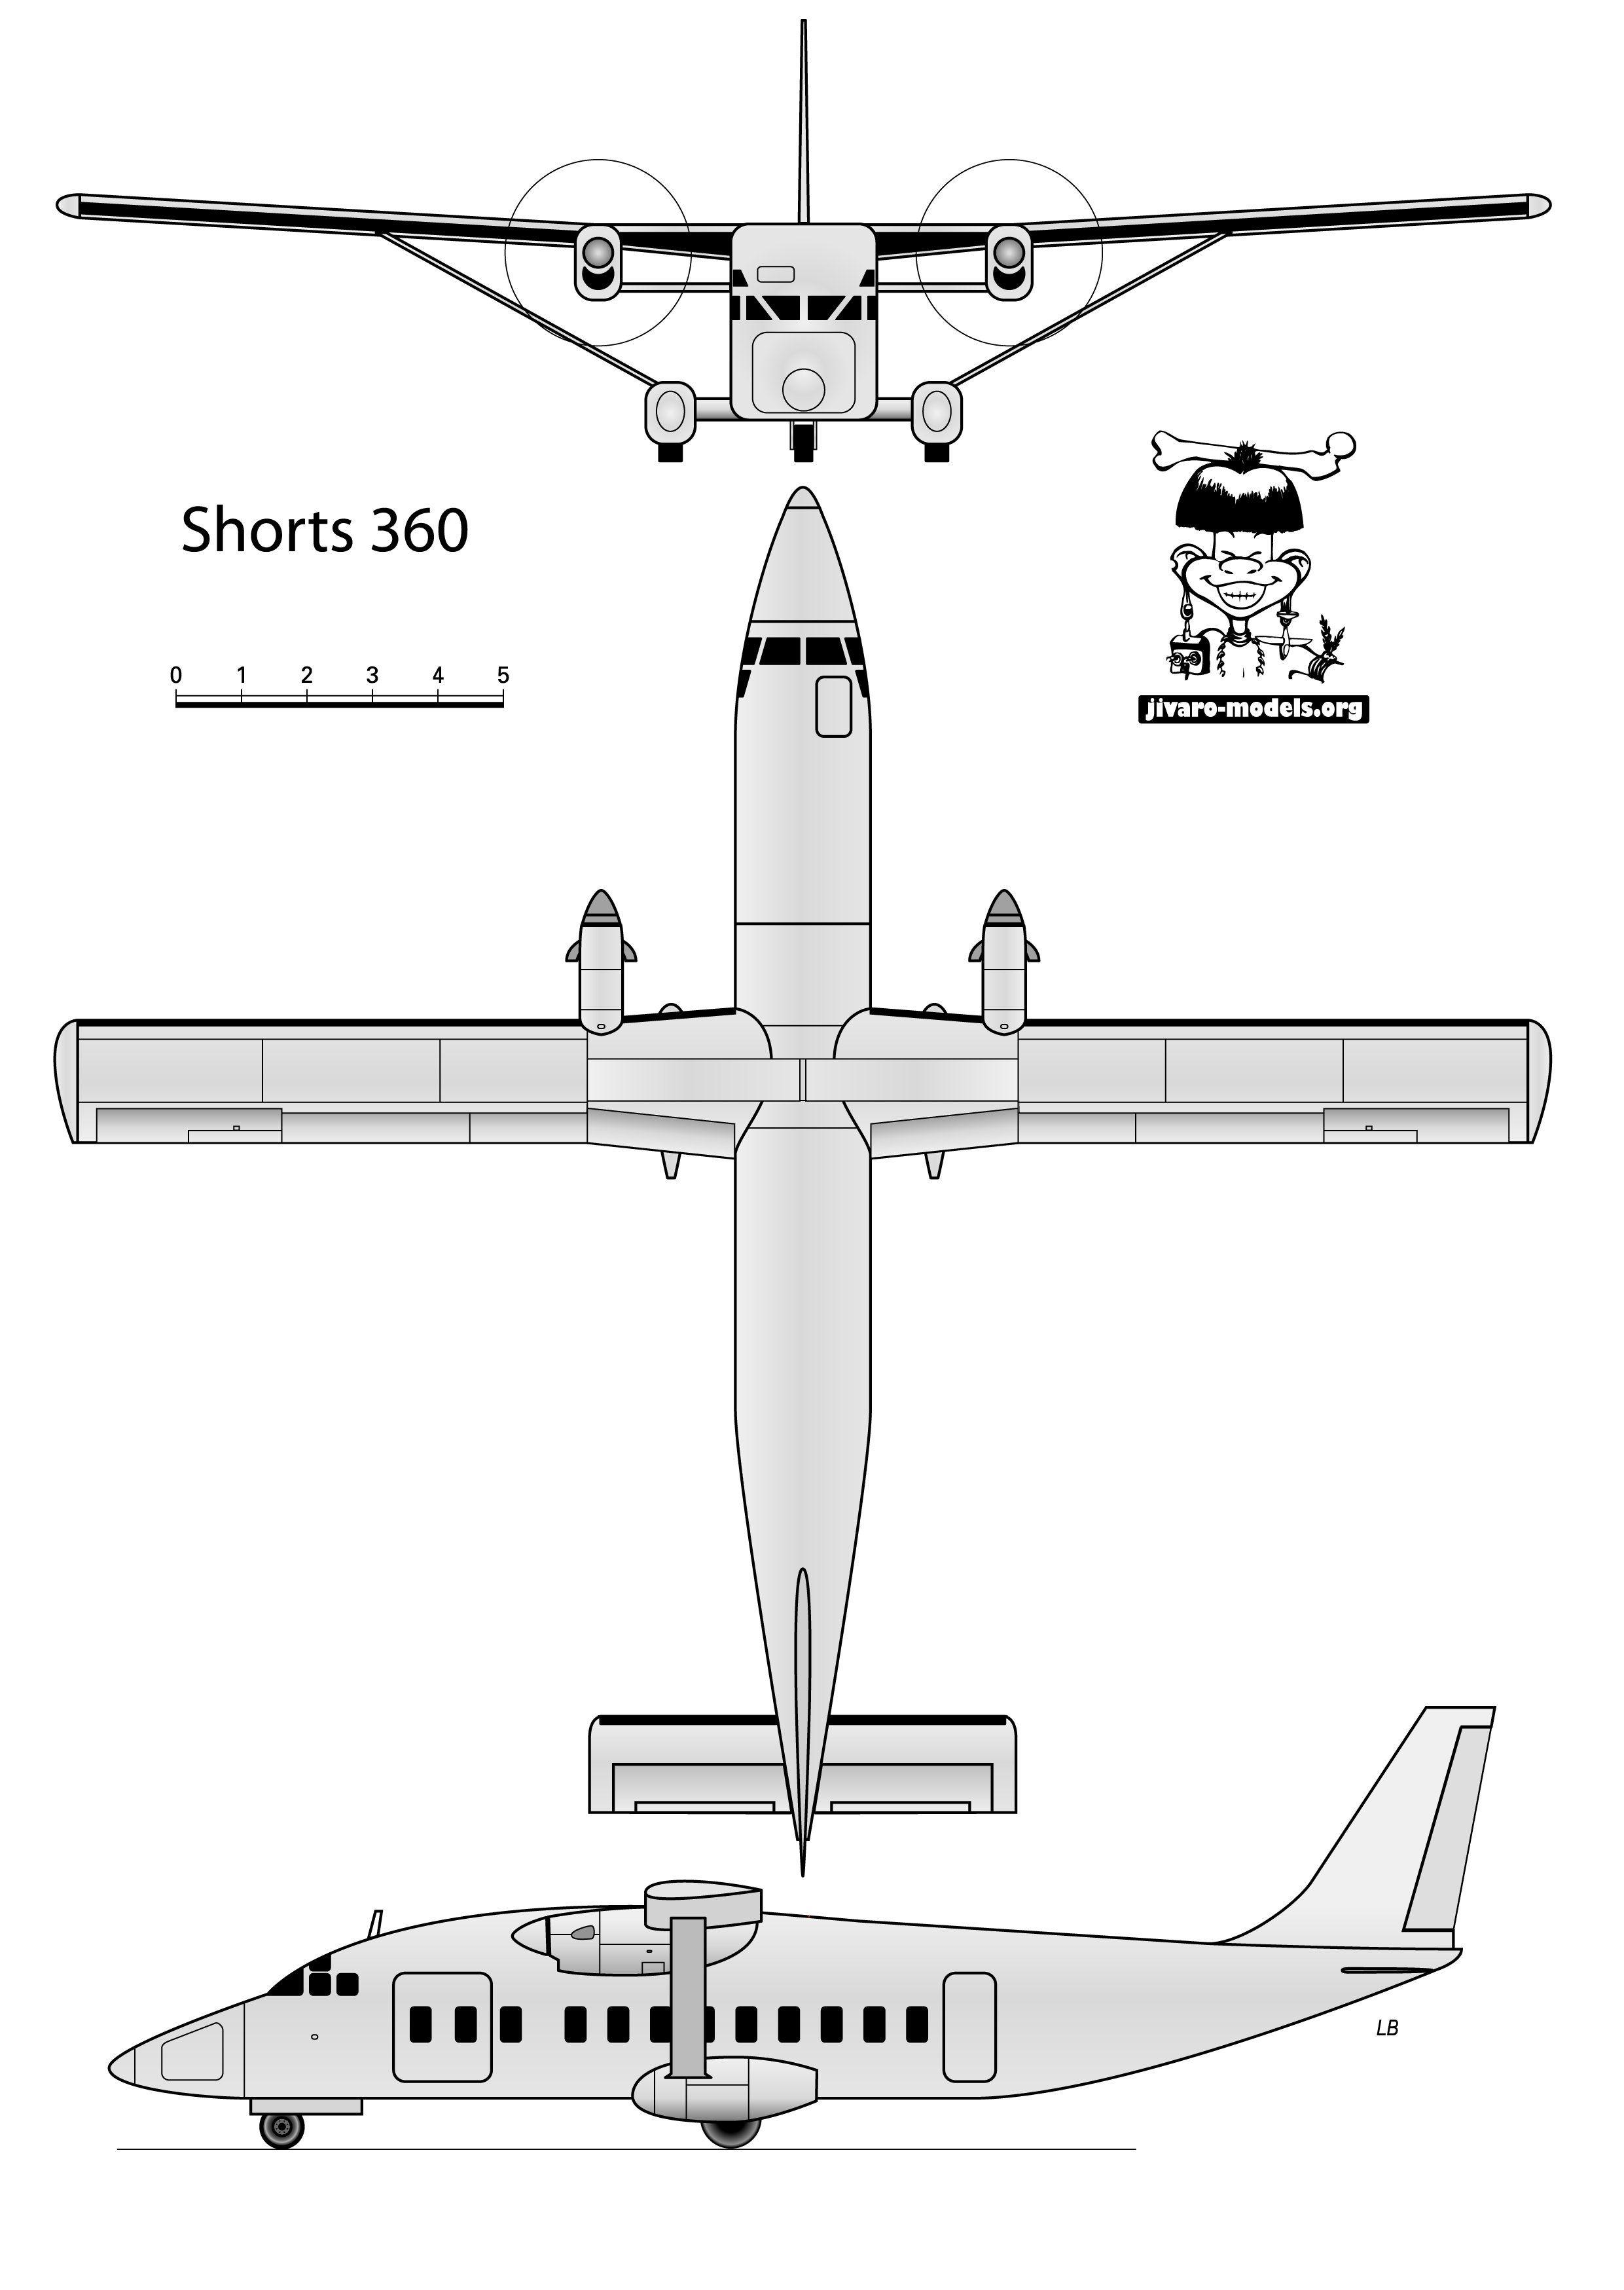 Searchable House Plans Shorts360 3vues Jpg 2 481 215 3 498 Pixels Planes Model